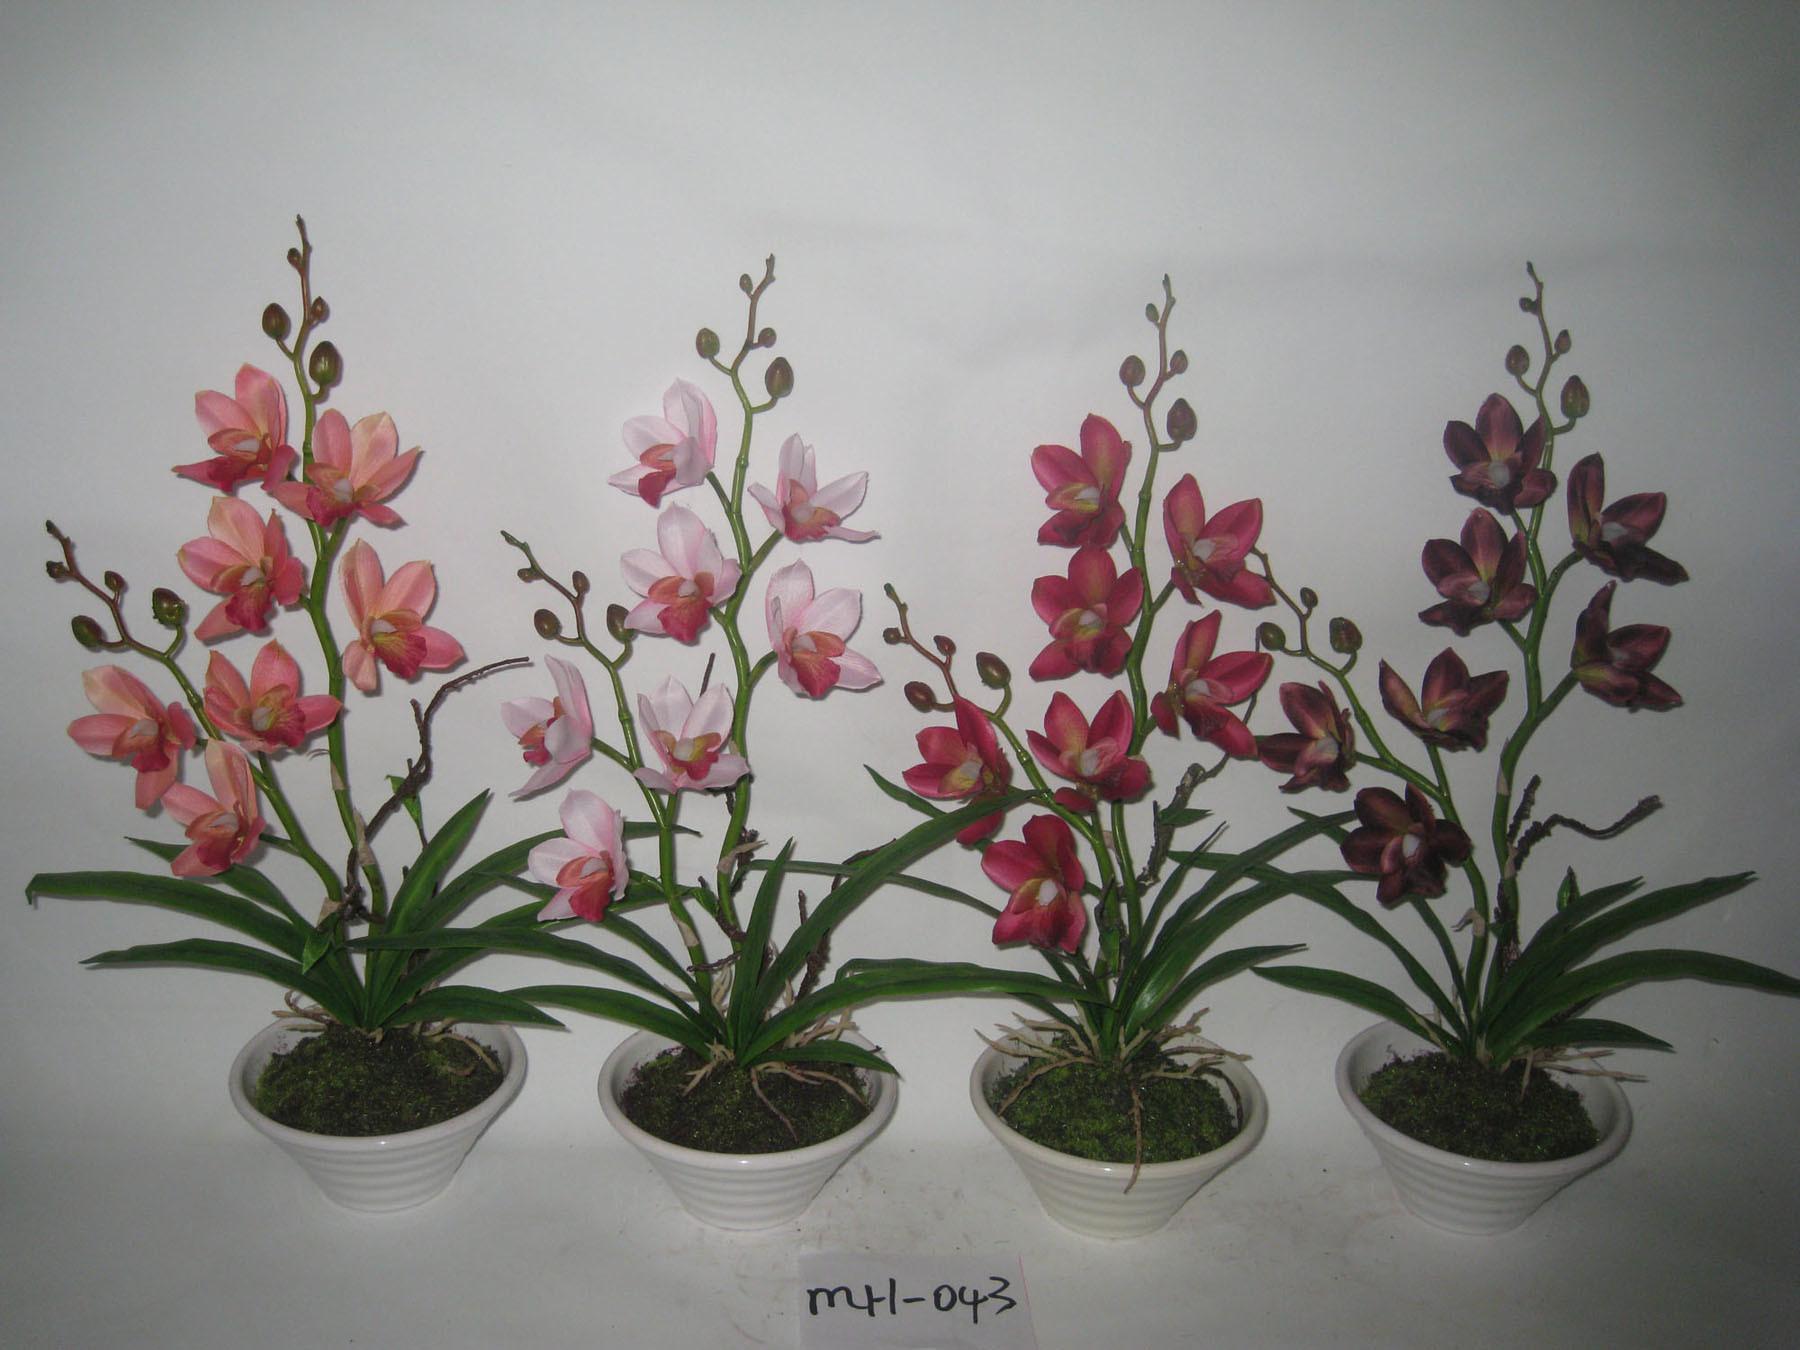 les orchid es artificielles de cymbidium de nouveau mod le avec plat le pot blanc pour la. Black Bedroom Furniture Sets. Home Design Ideas